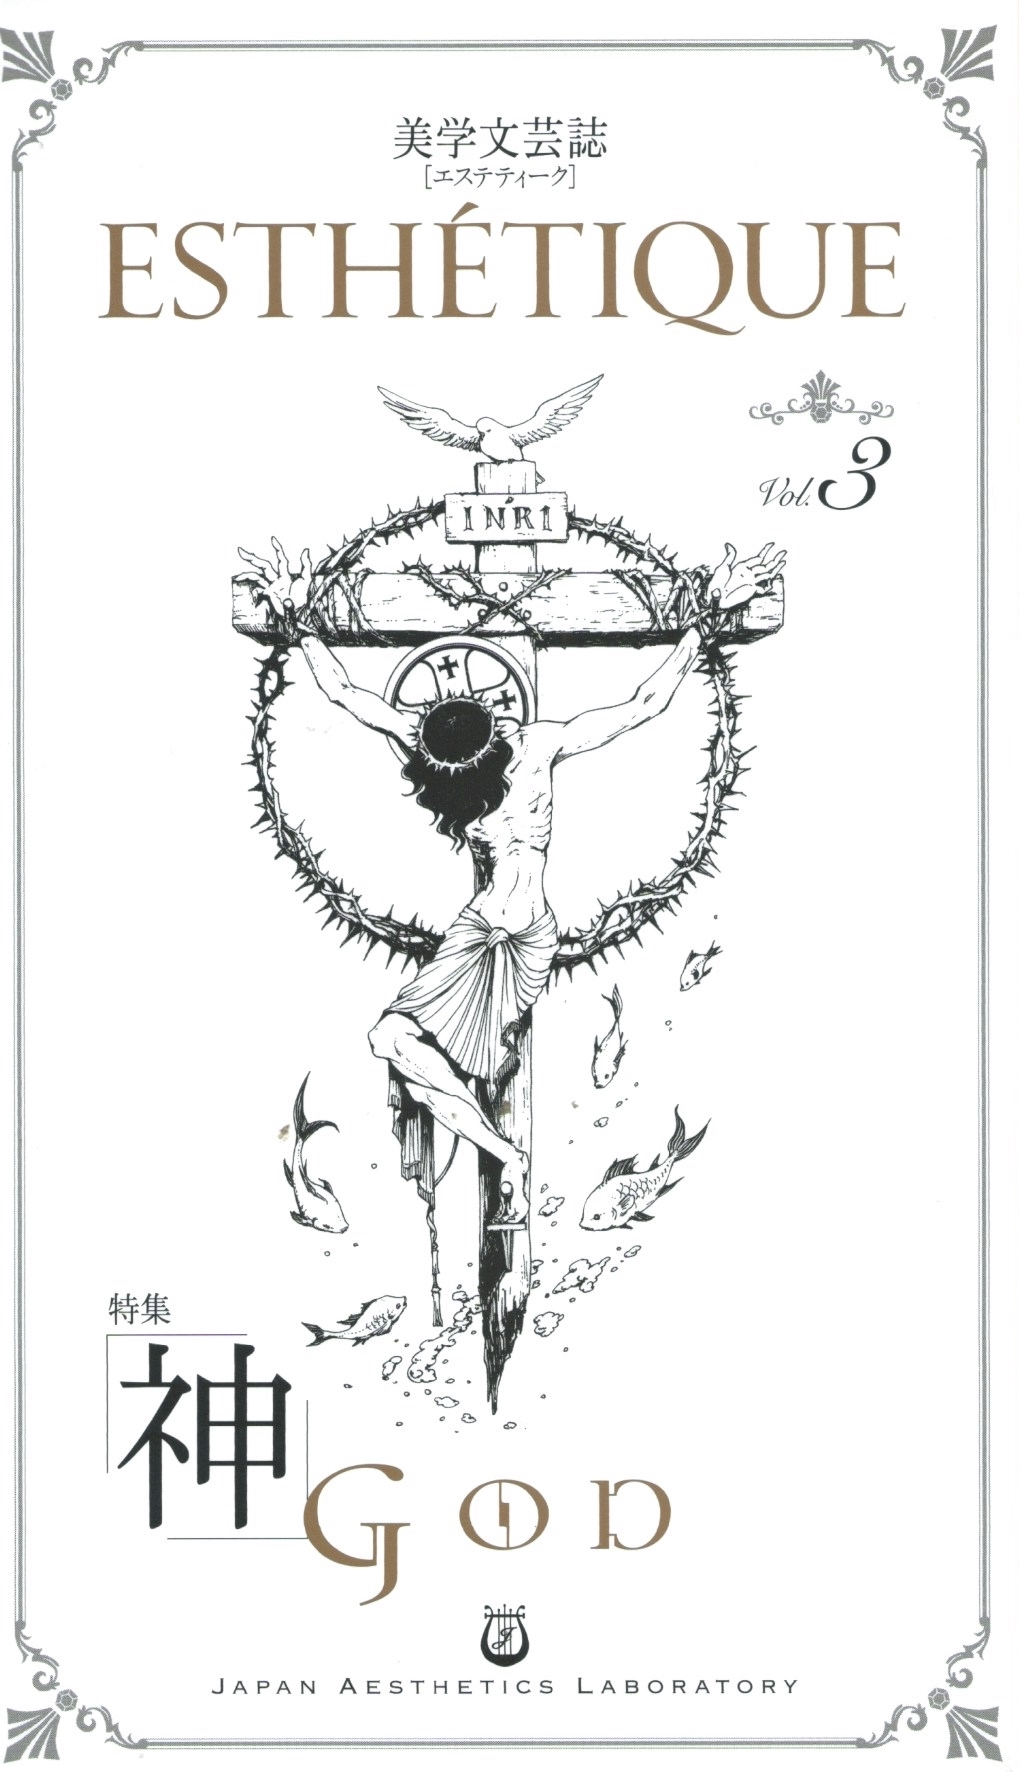 エステティーク Vol.3 神